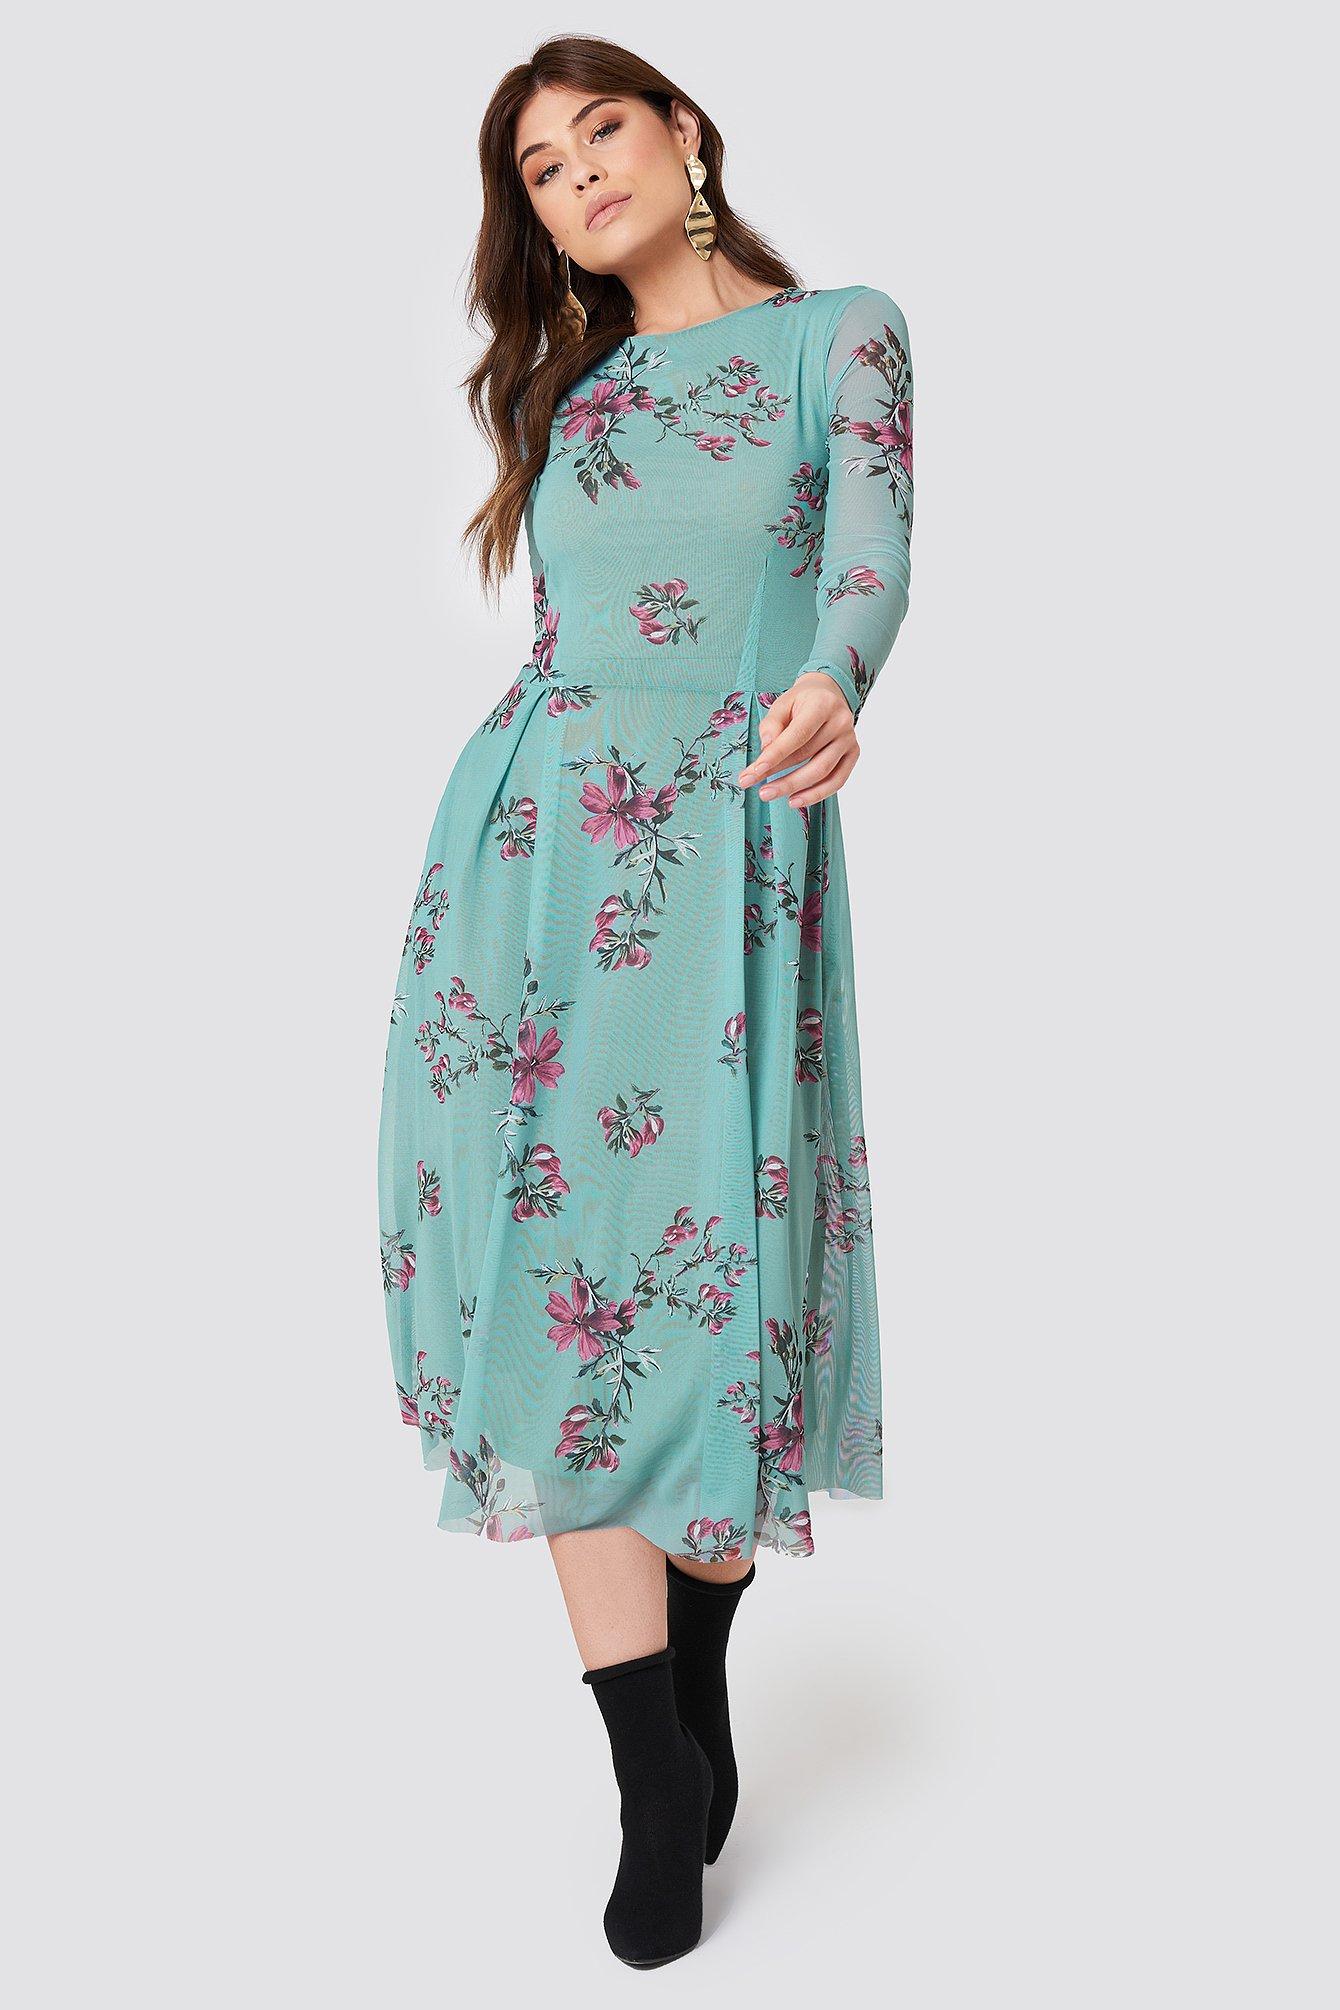 rut&circle -  Long Sleeve Mesh Dress - Multicolor